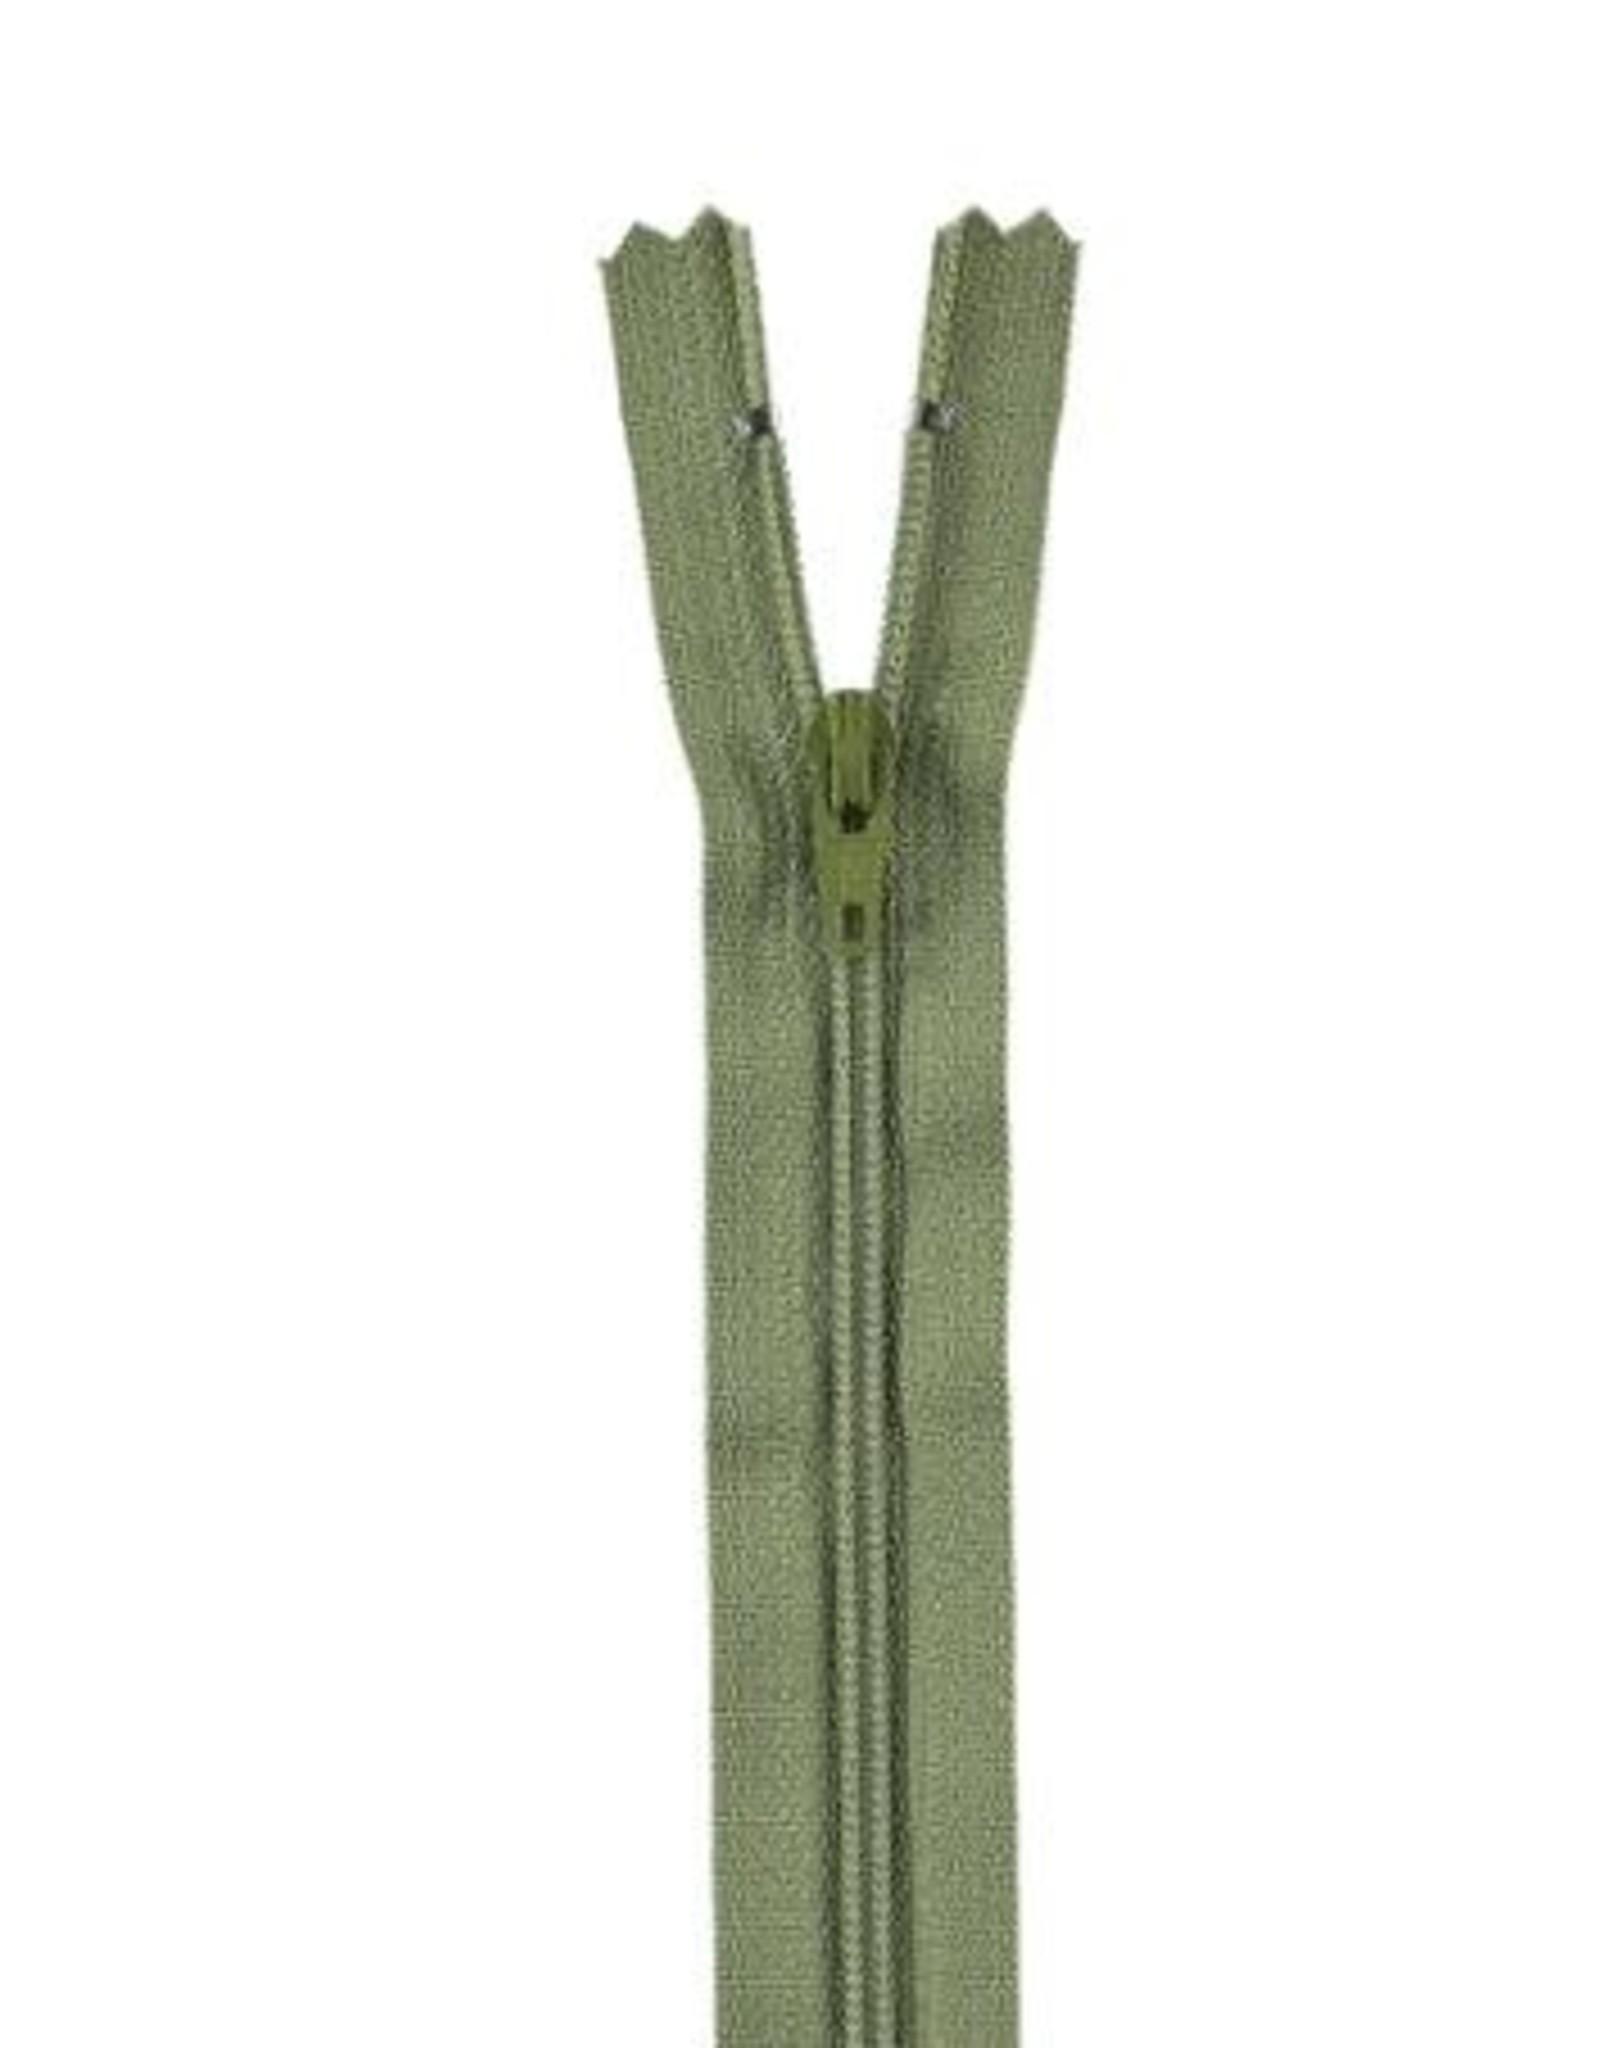 YKK Spiraalrits niet-DB 3mm mosgroen 888-55cm